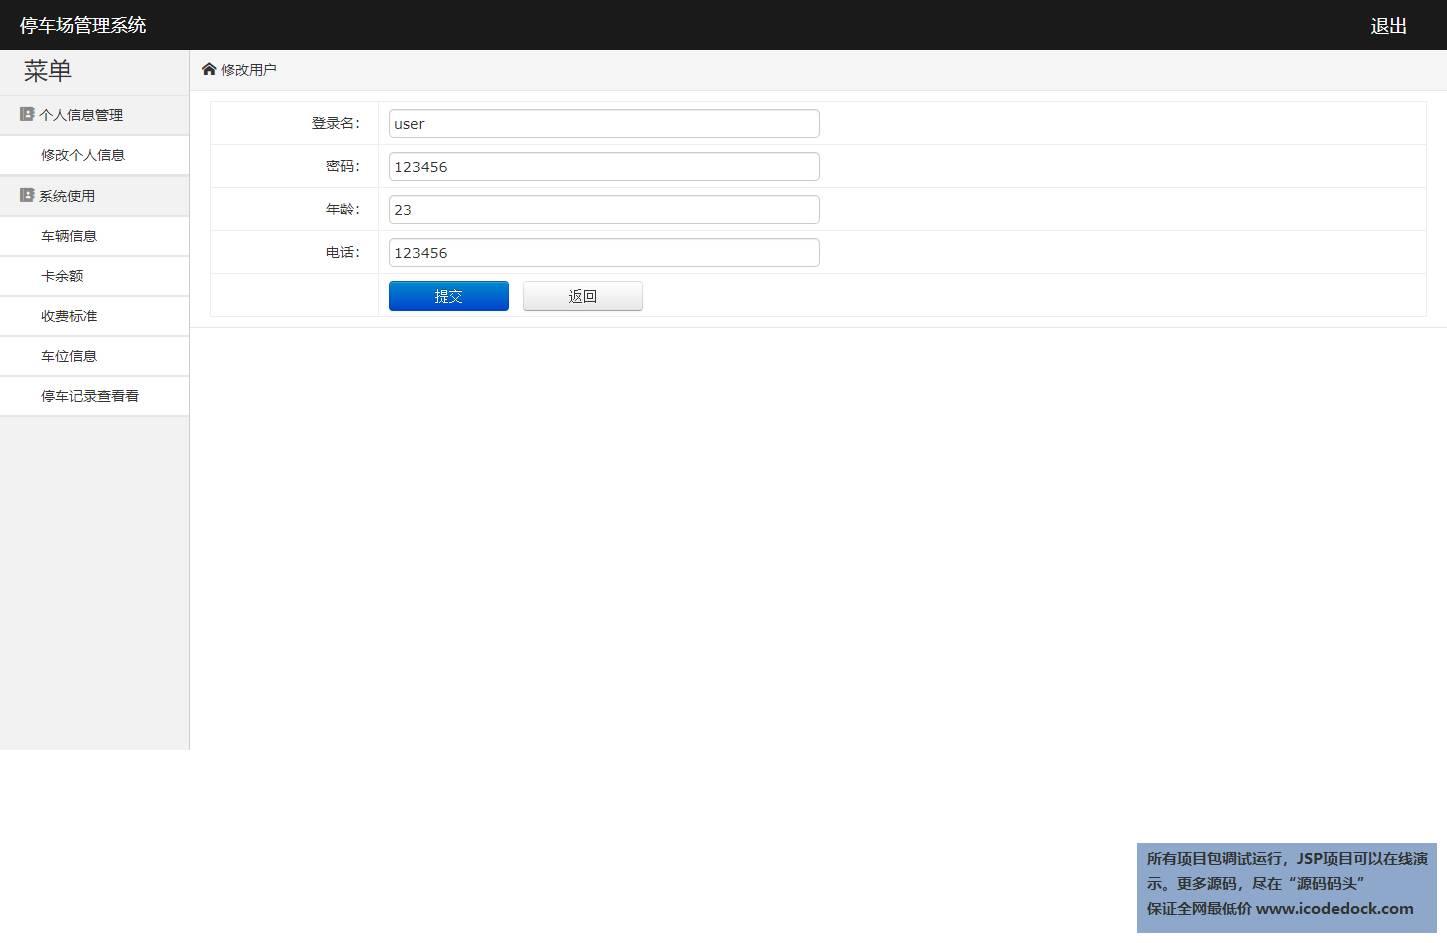 源码码头-JSP停车场管理系统-用户角色-修改个人信息